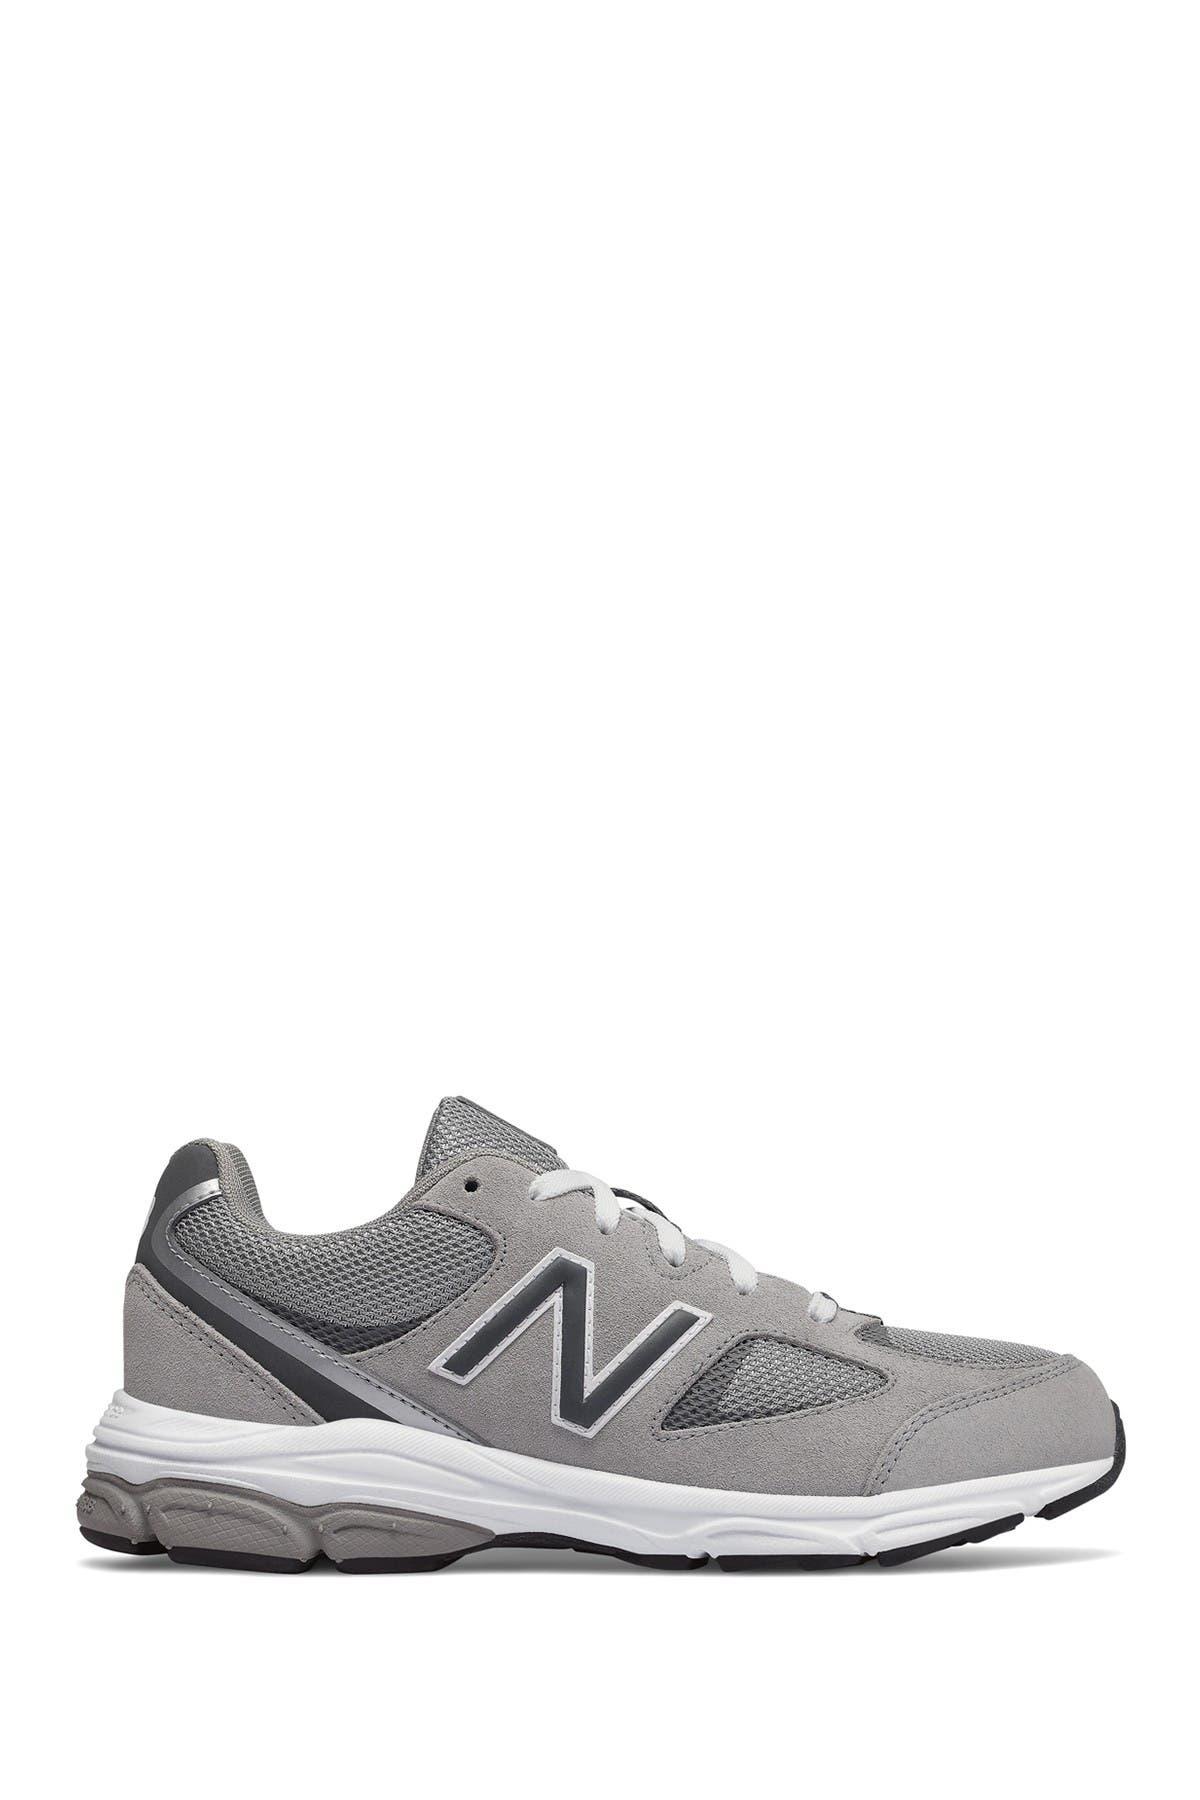 Image of New Balance Q119 888V2 Sneaker